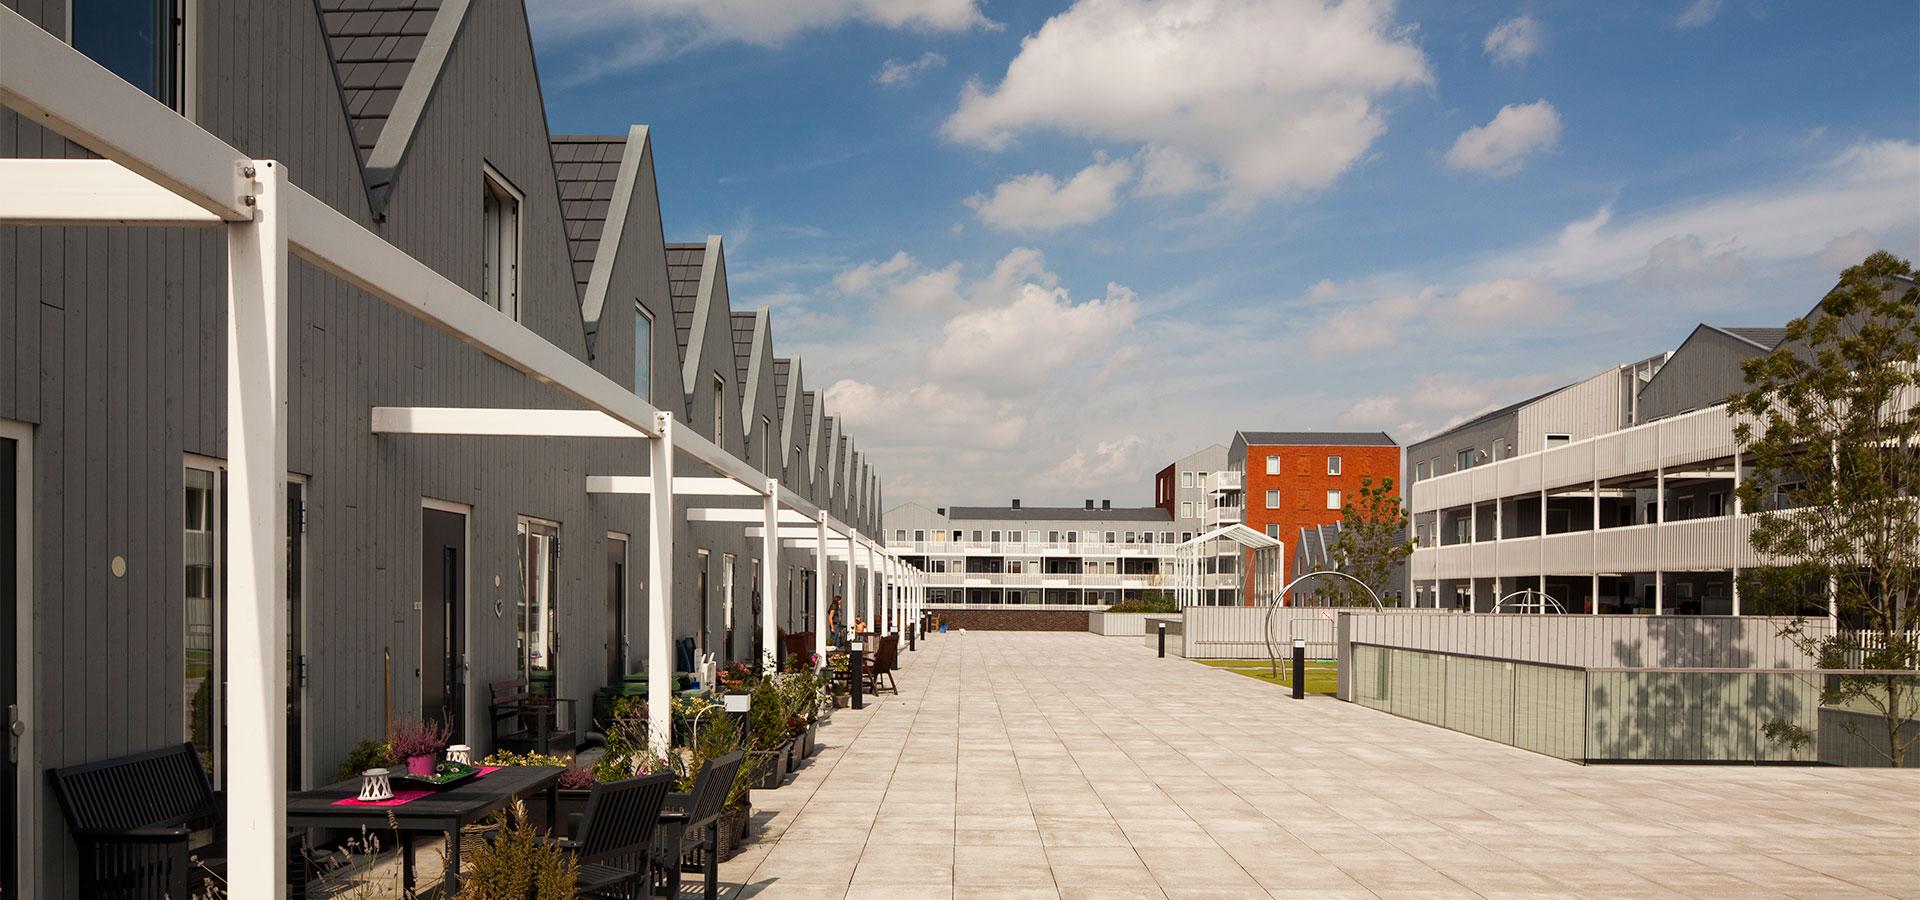 FARO architecten Harnaschpolder Delft 07